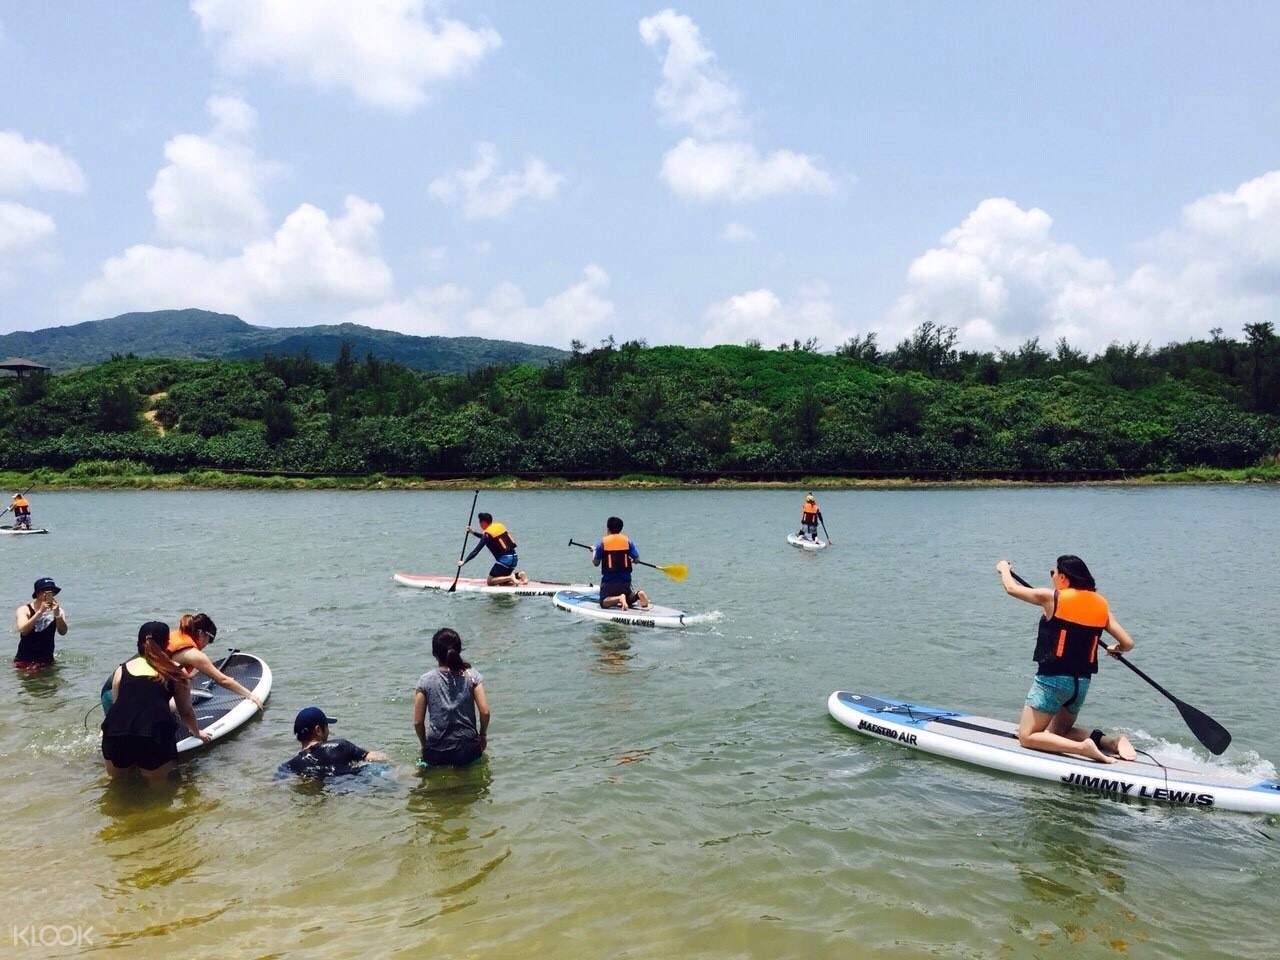 台北福隆双溪河SUP体验